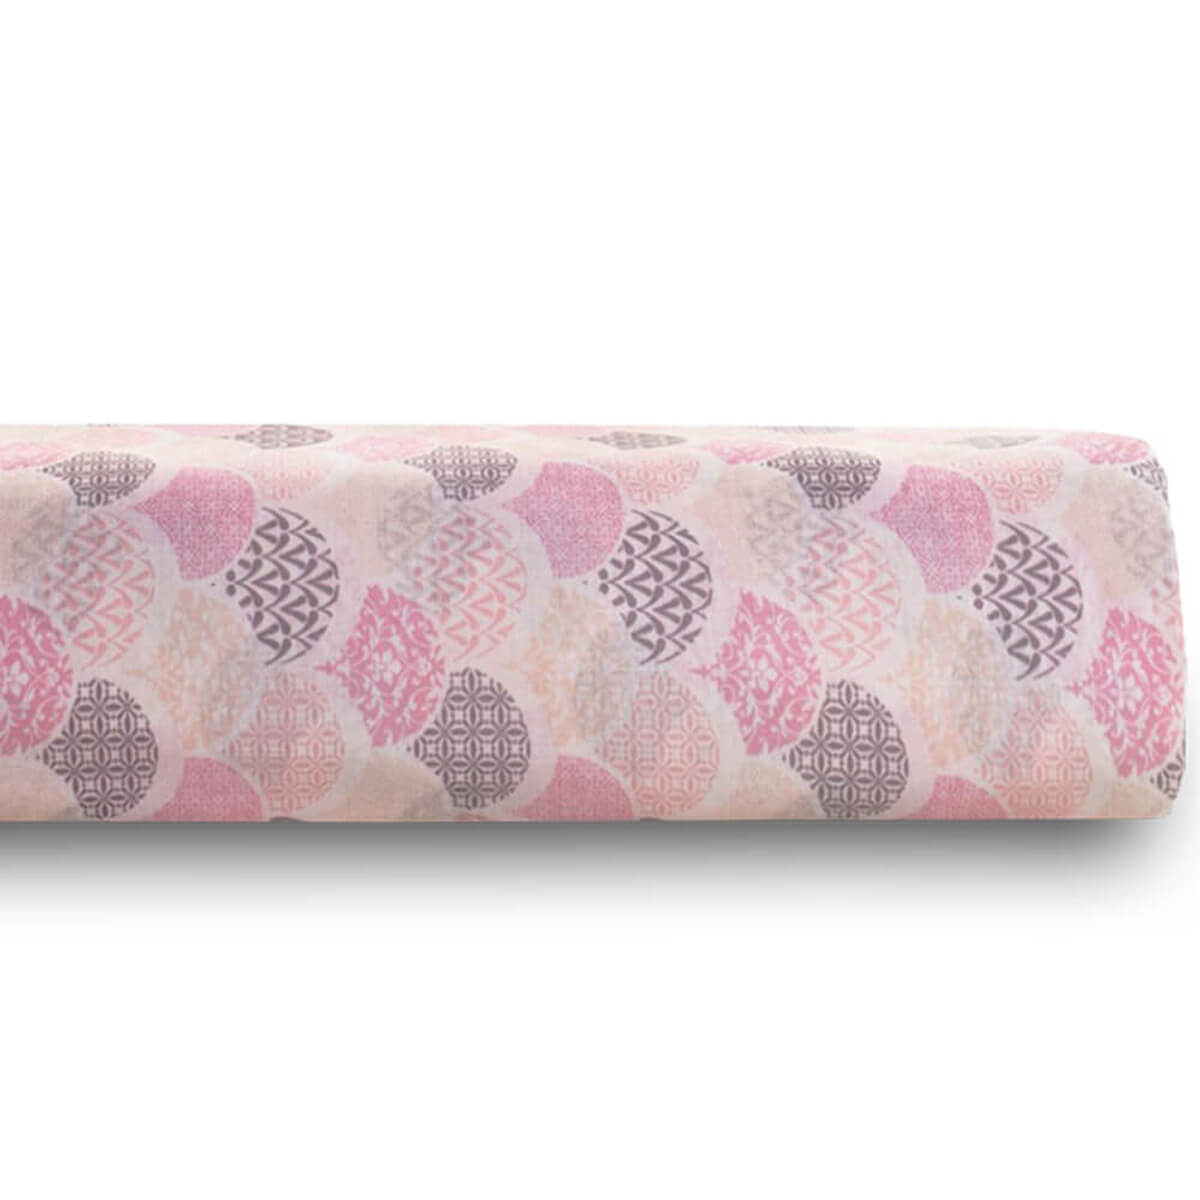 Lençol Solteiro Avulso Estampado Royal 100% Algodão Deco Rosa